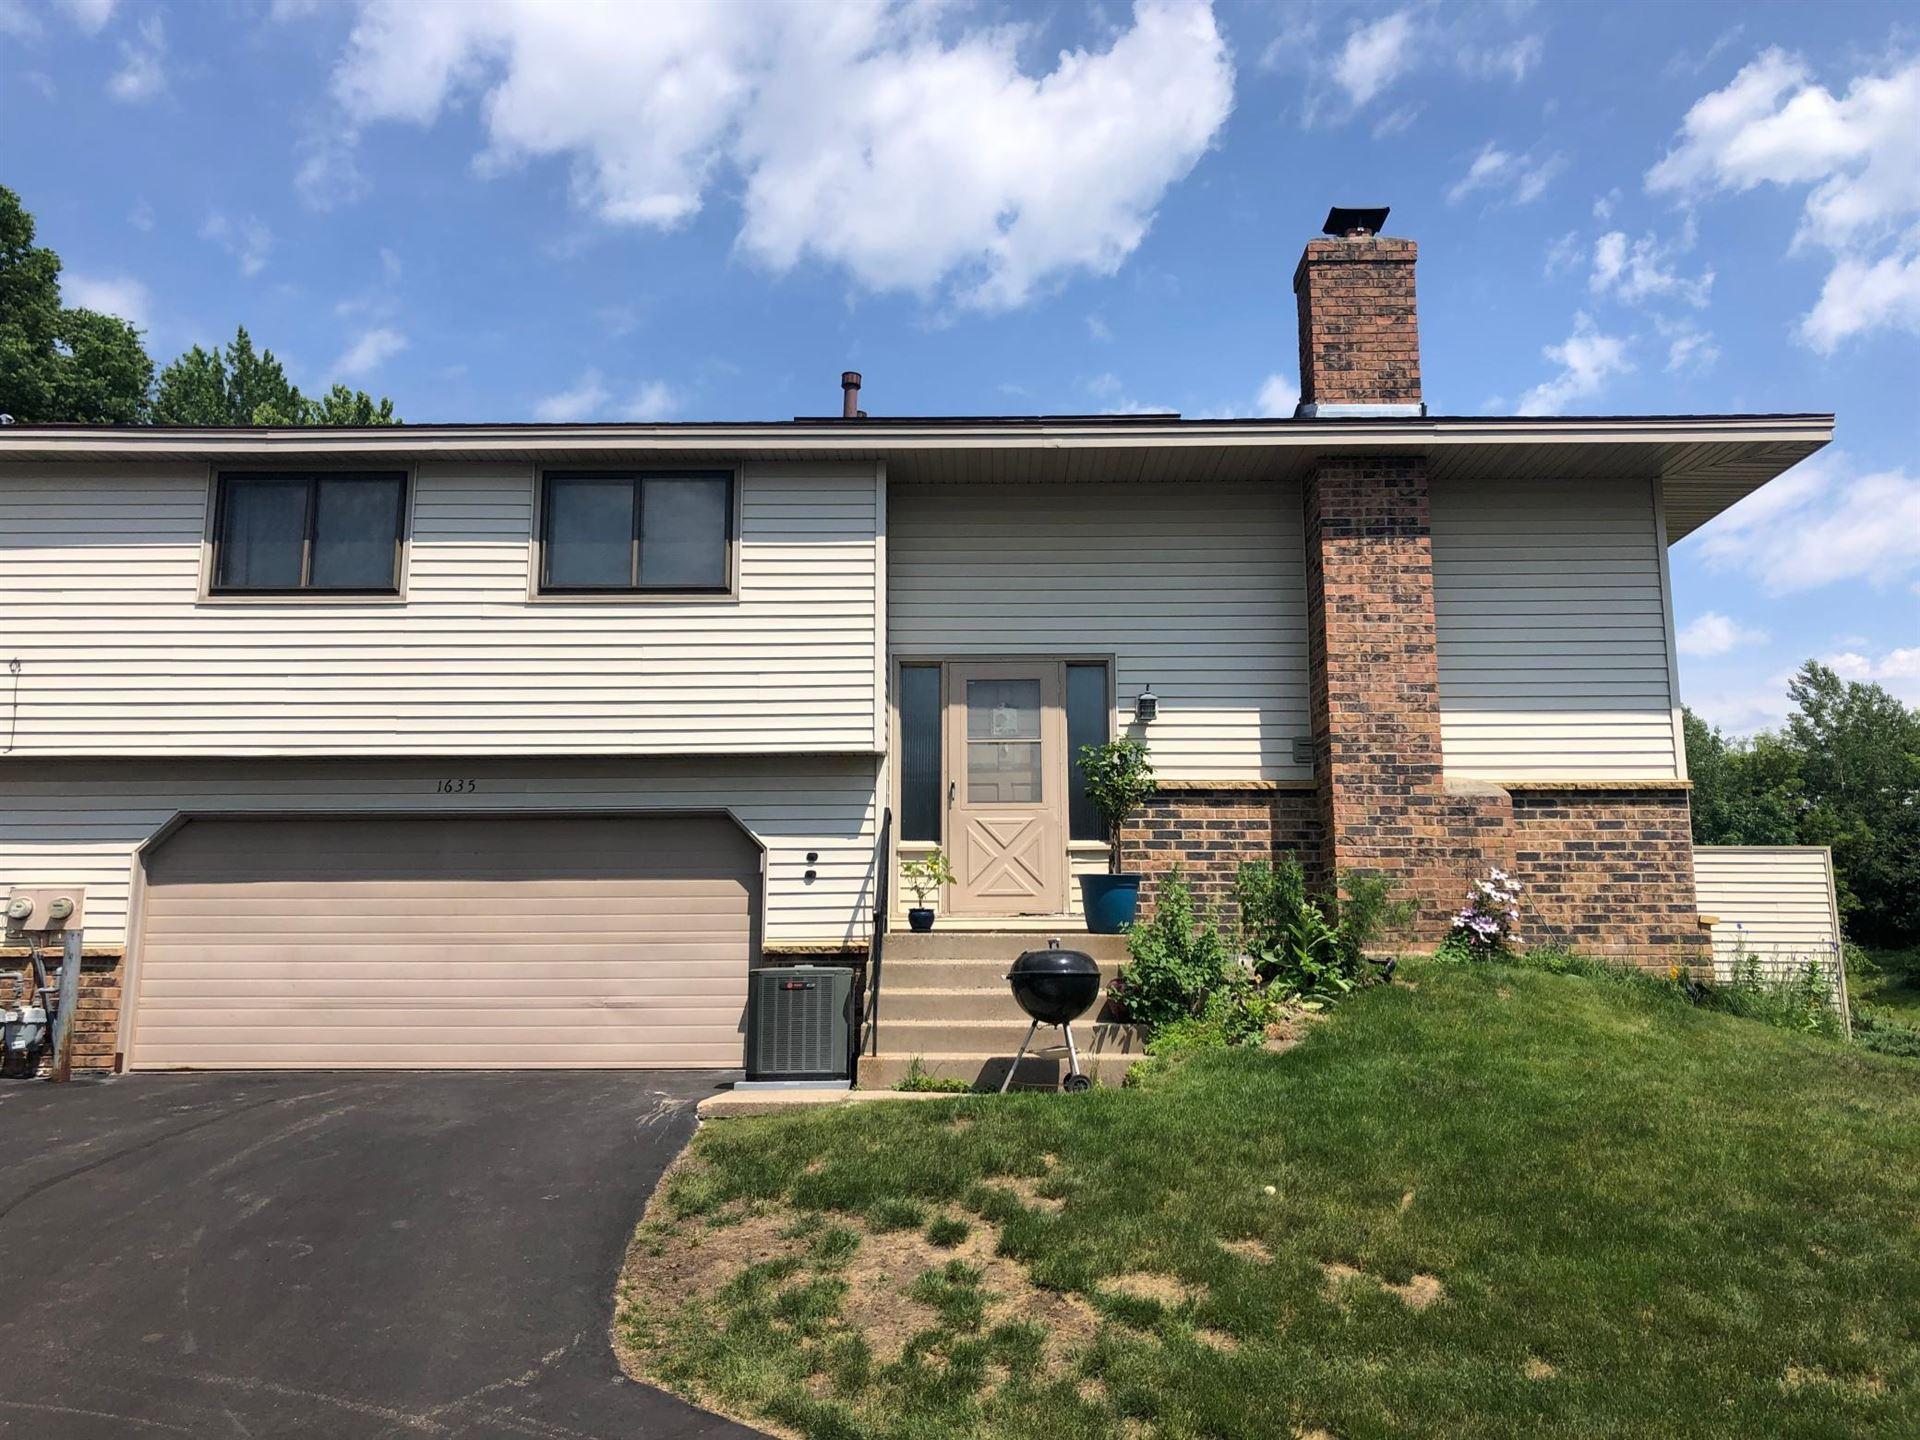 Photo of 1635 Hickory Lane, Eagan, MN 55122 (MLS # 5769001)